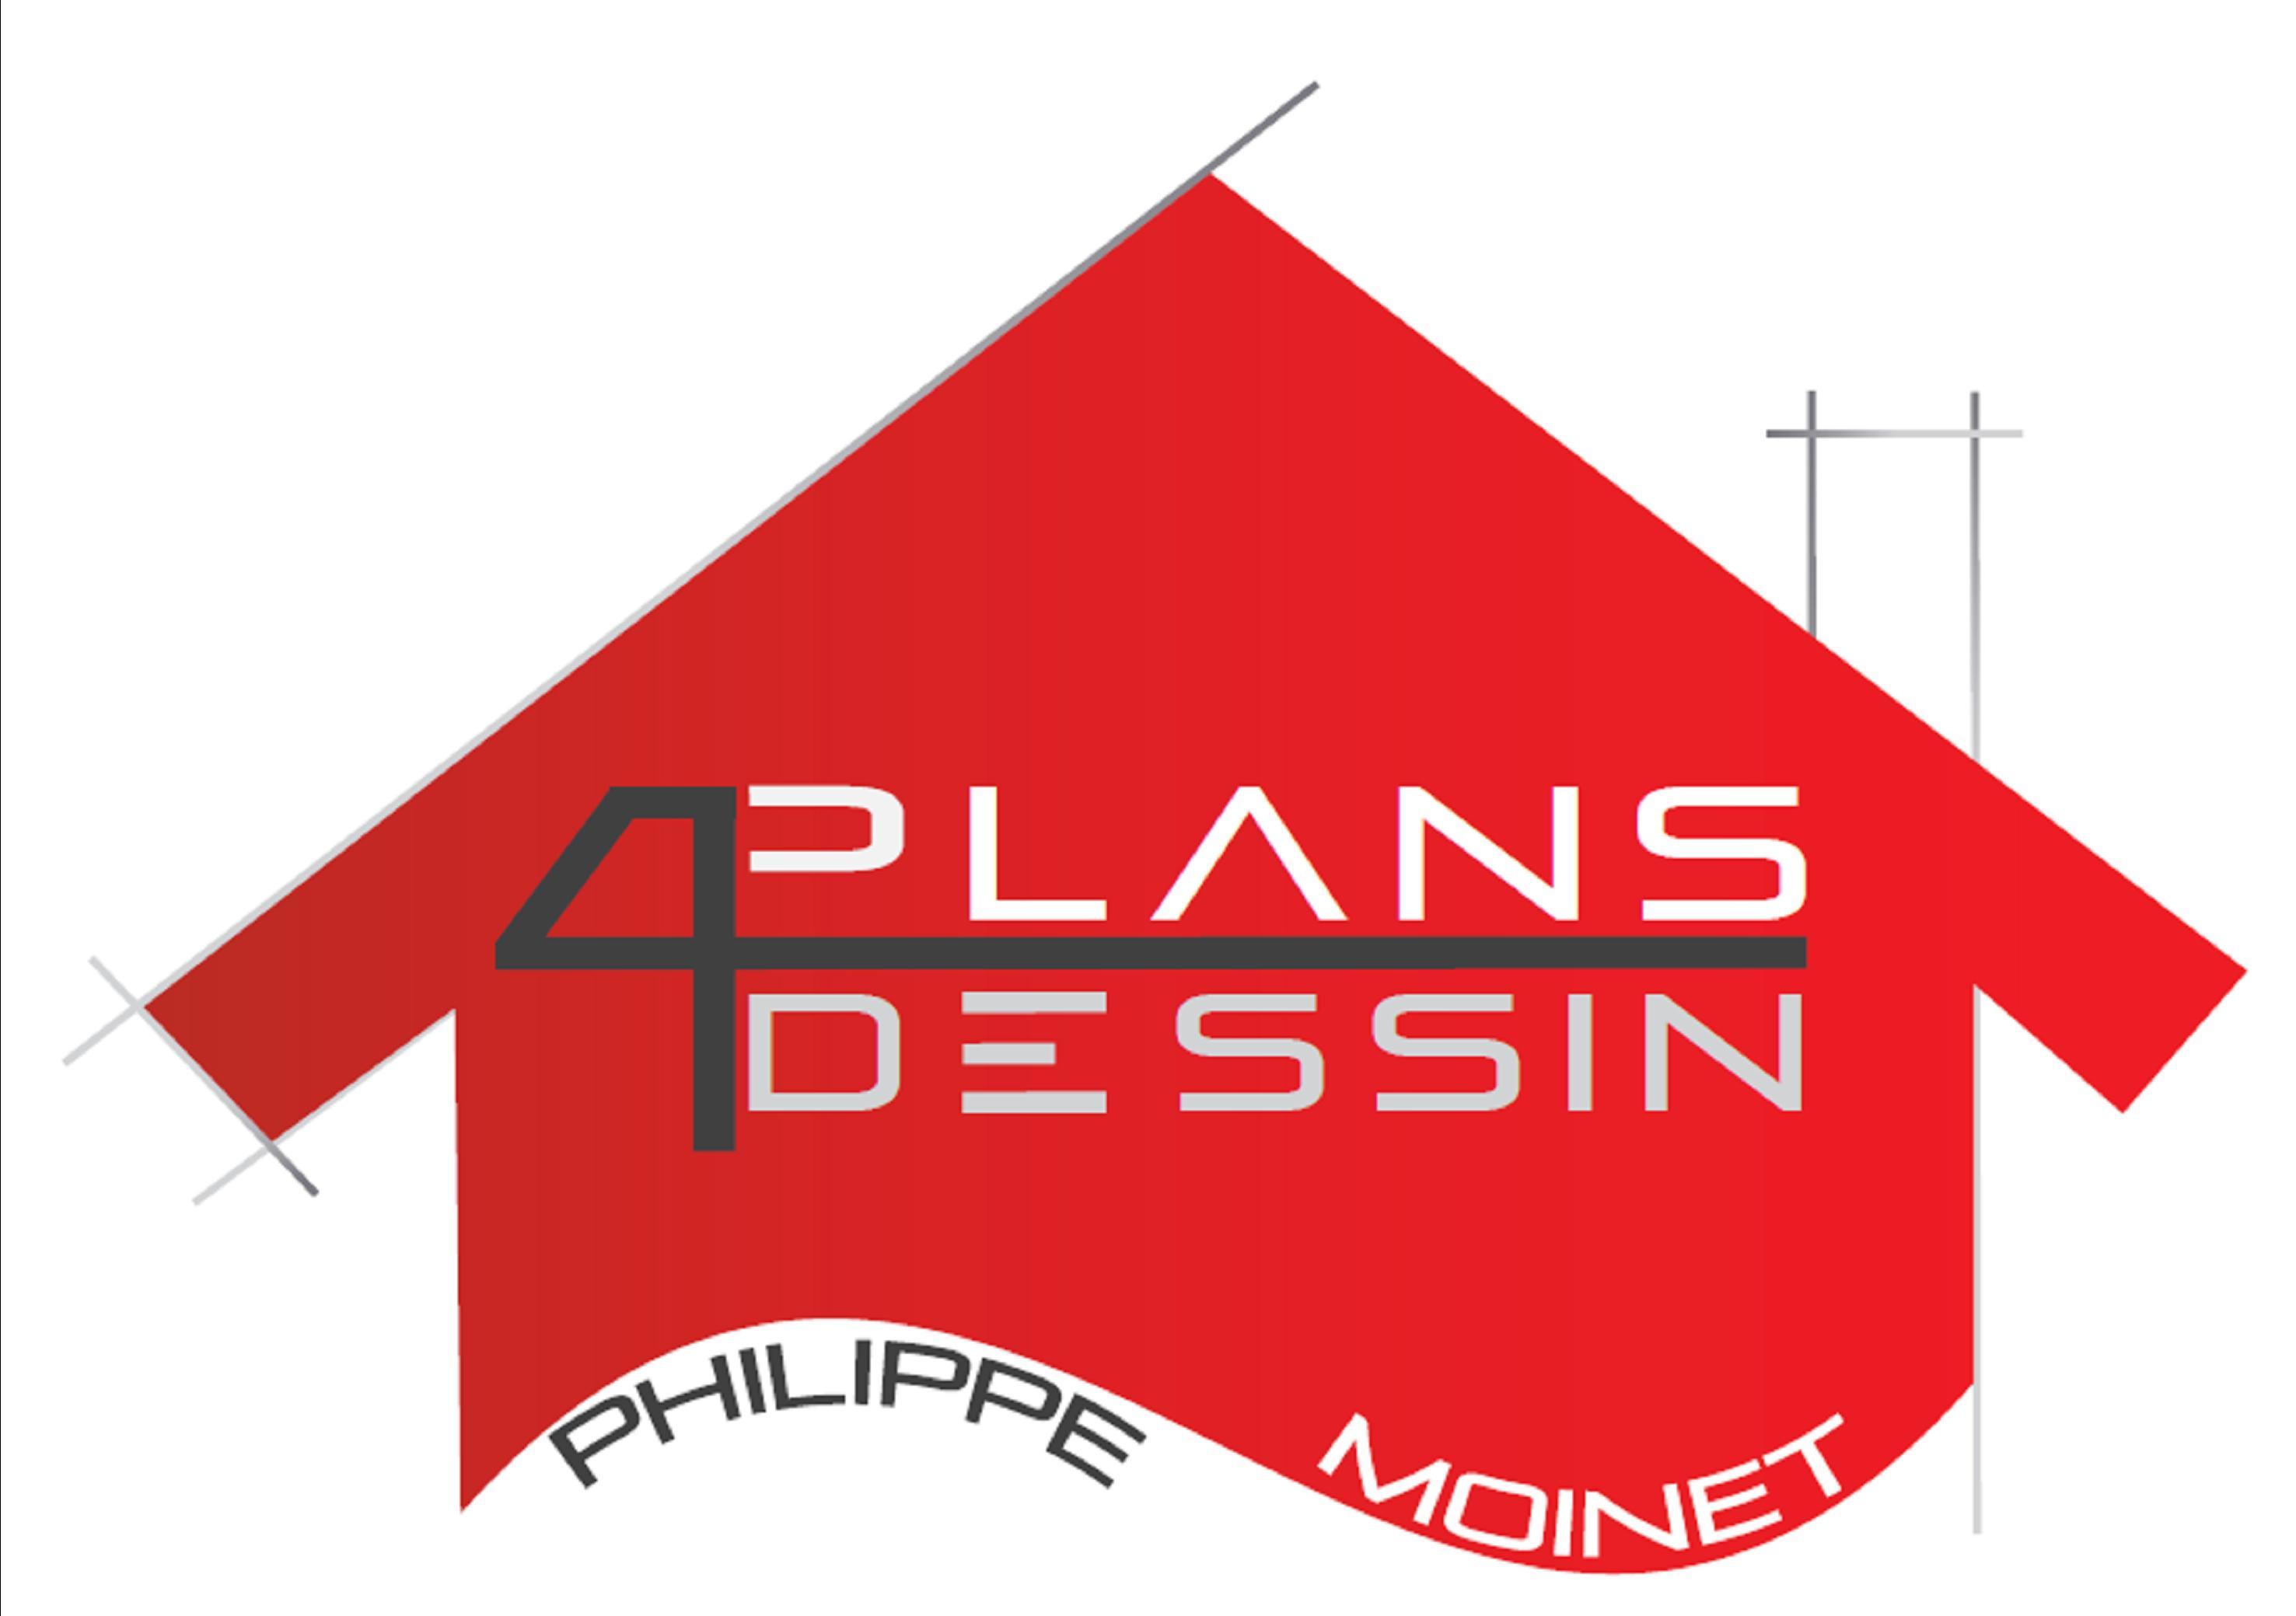 Logo de MOINET PHILIPPE - PLANS DESSINS, société de travaux en Architecte (construction ou rénovation de maisons individuelles)